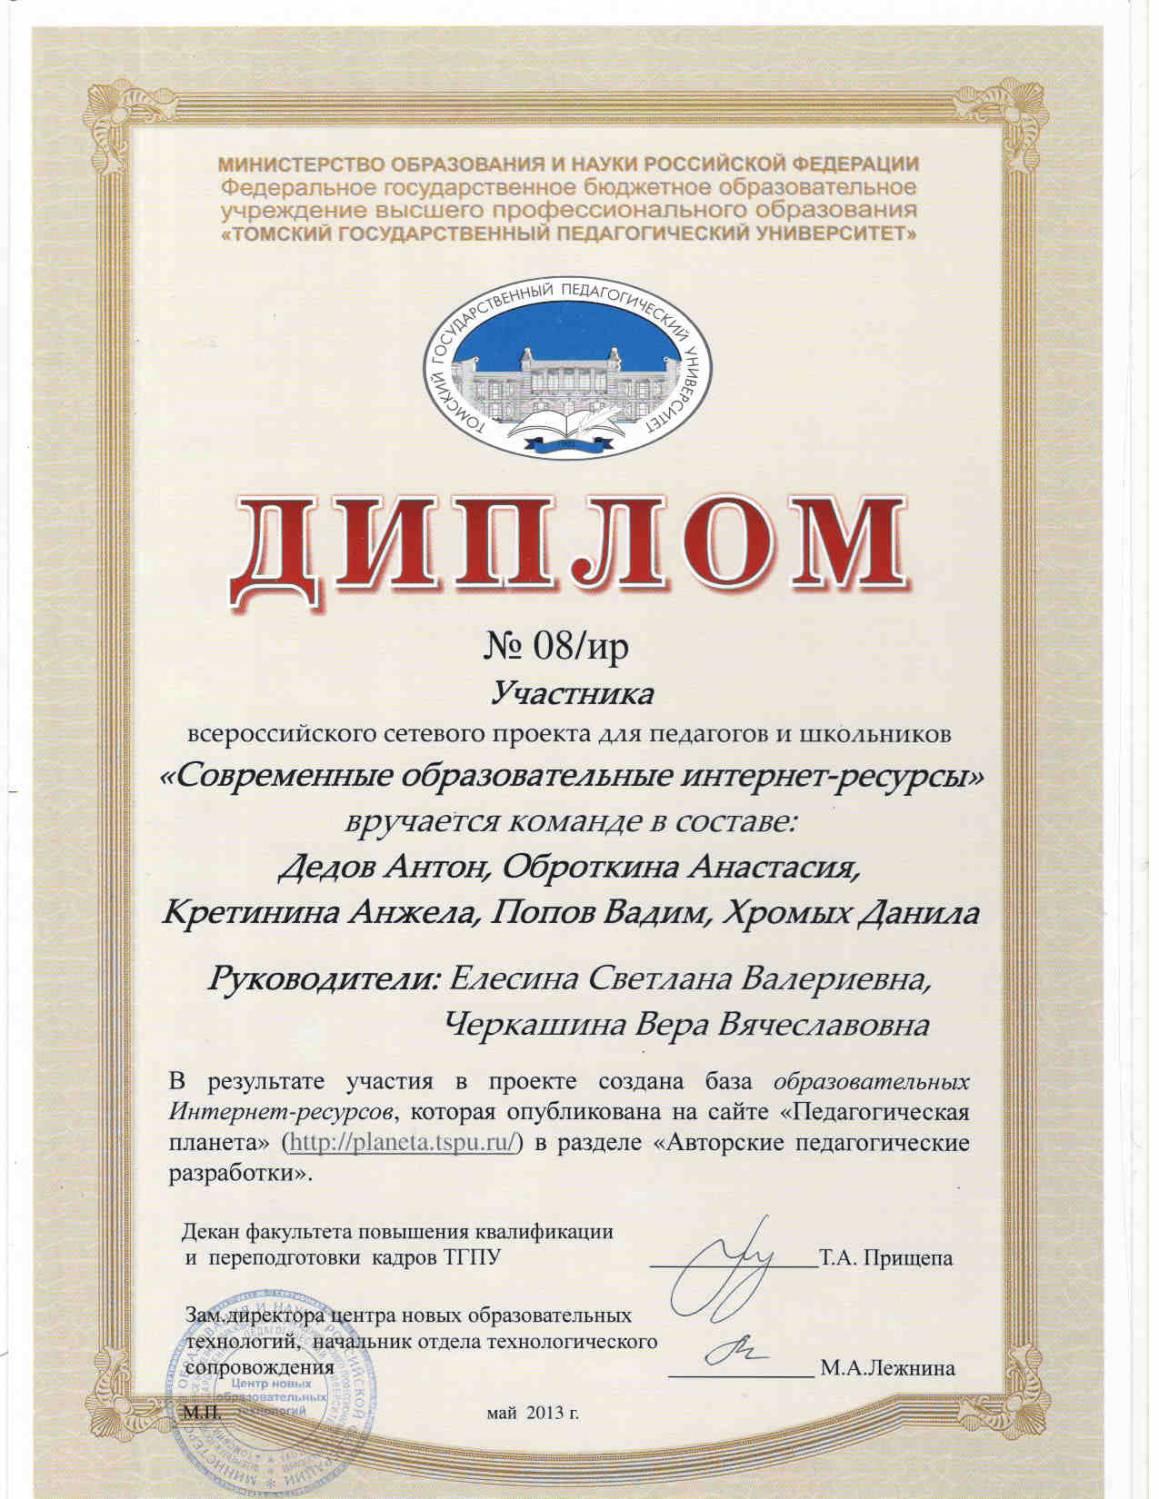 Владимир мегре опровержение на фес